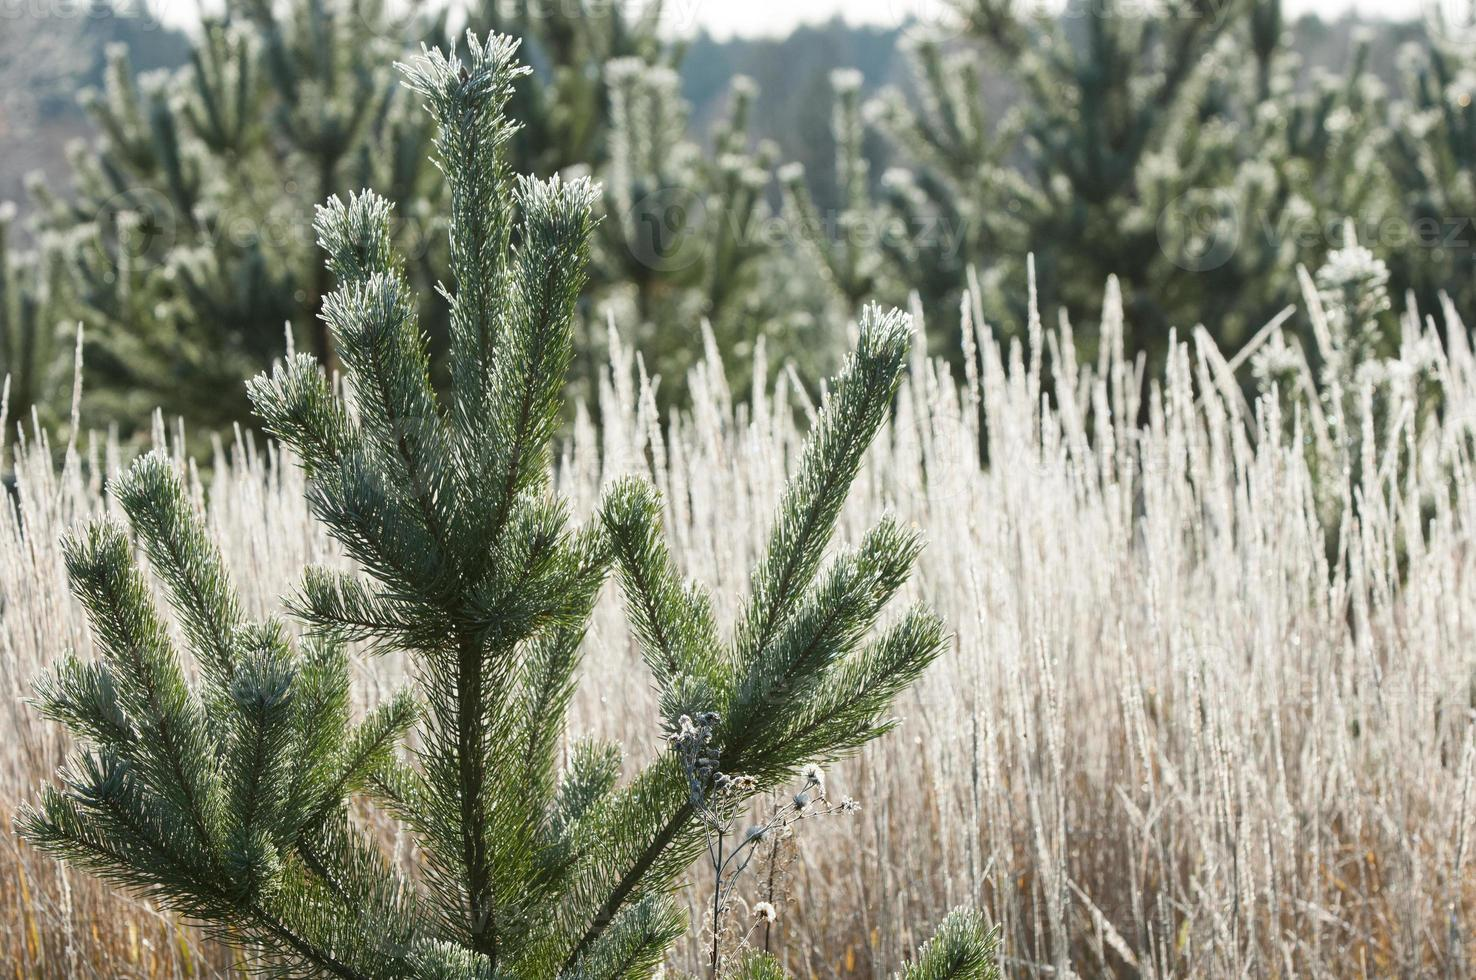 gelo autunnale sull'erba e sugli alberi foto